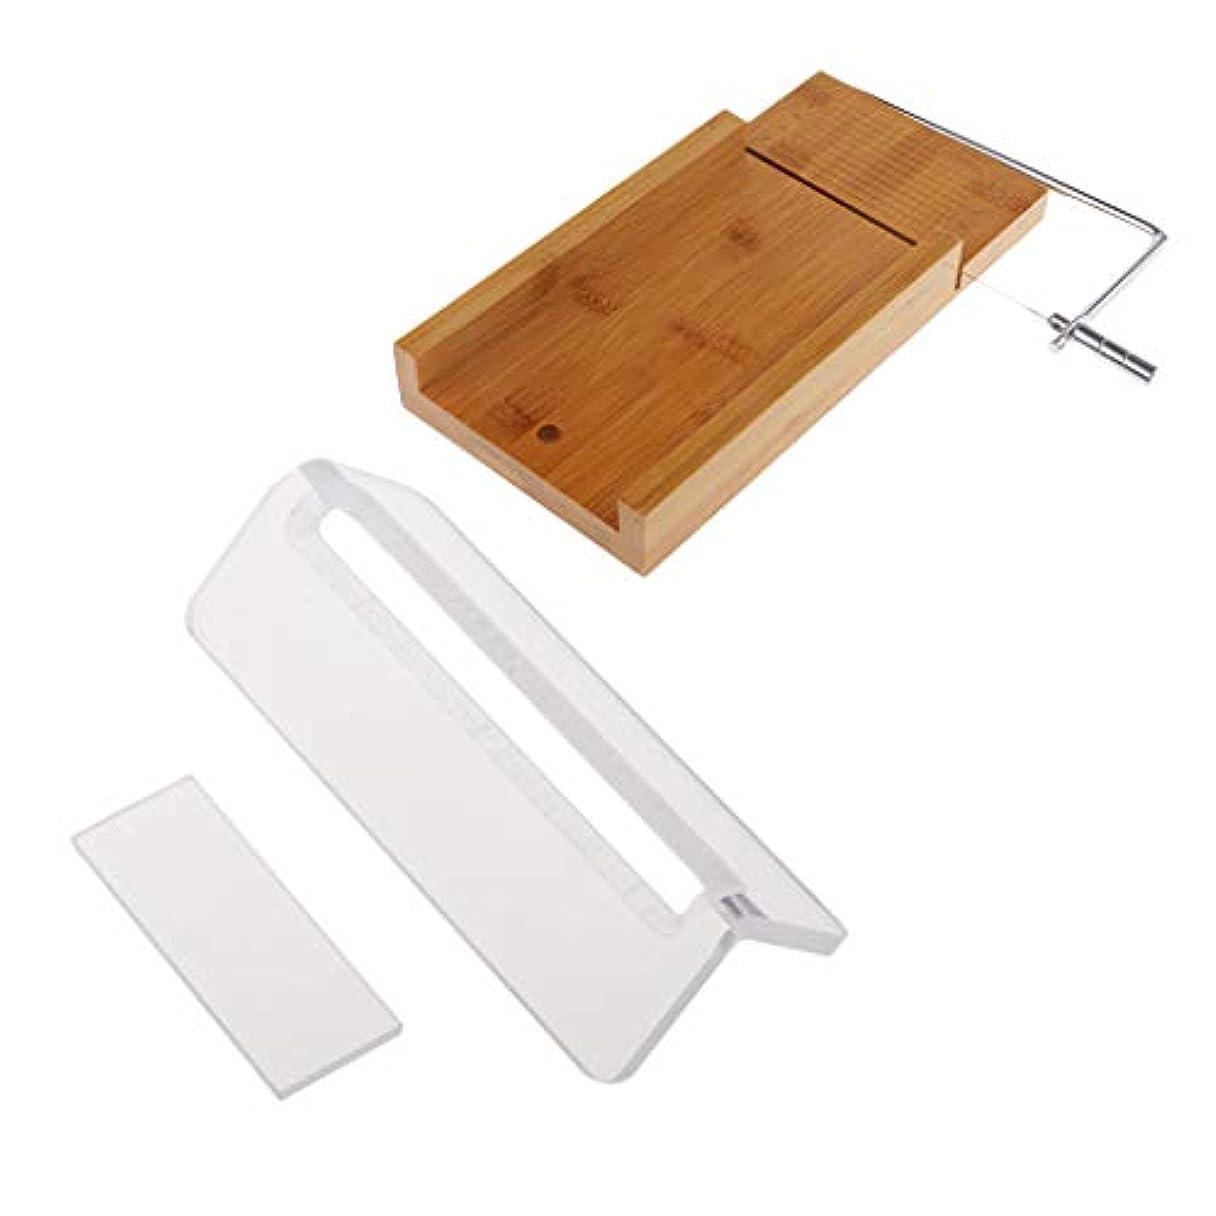 構築する欠員スキャンダルFLAMEER ローフカッター 木製 ソープ包丁 石鹸カッター 手作り石鹸 DIY キッチン用品 2個入り